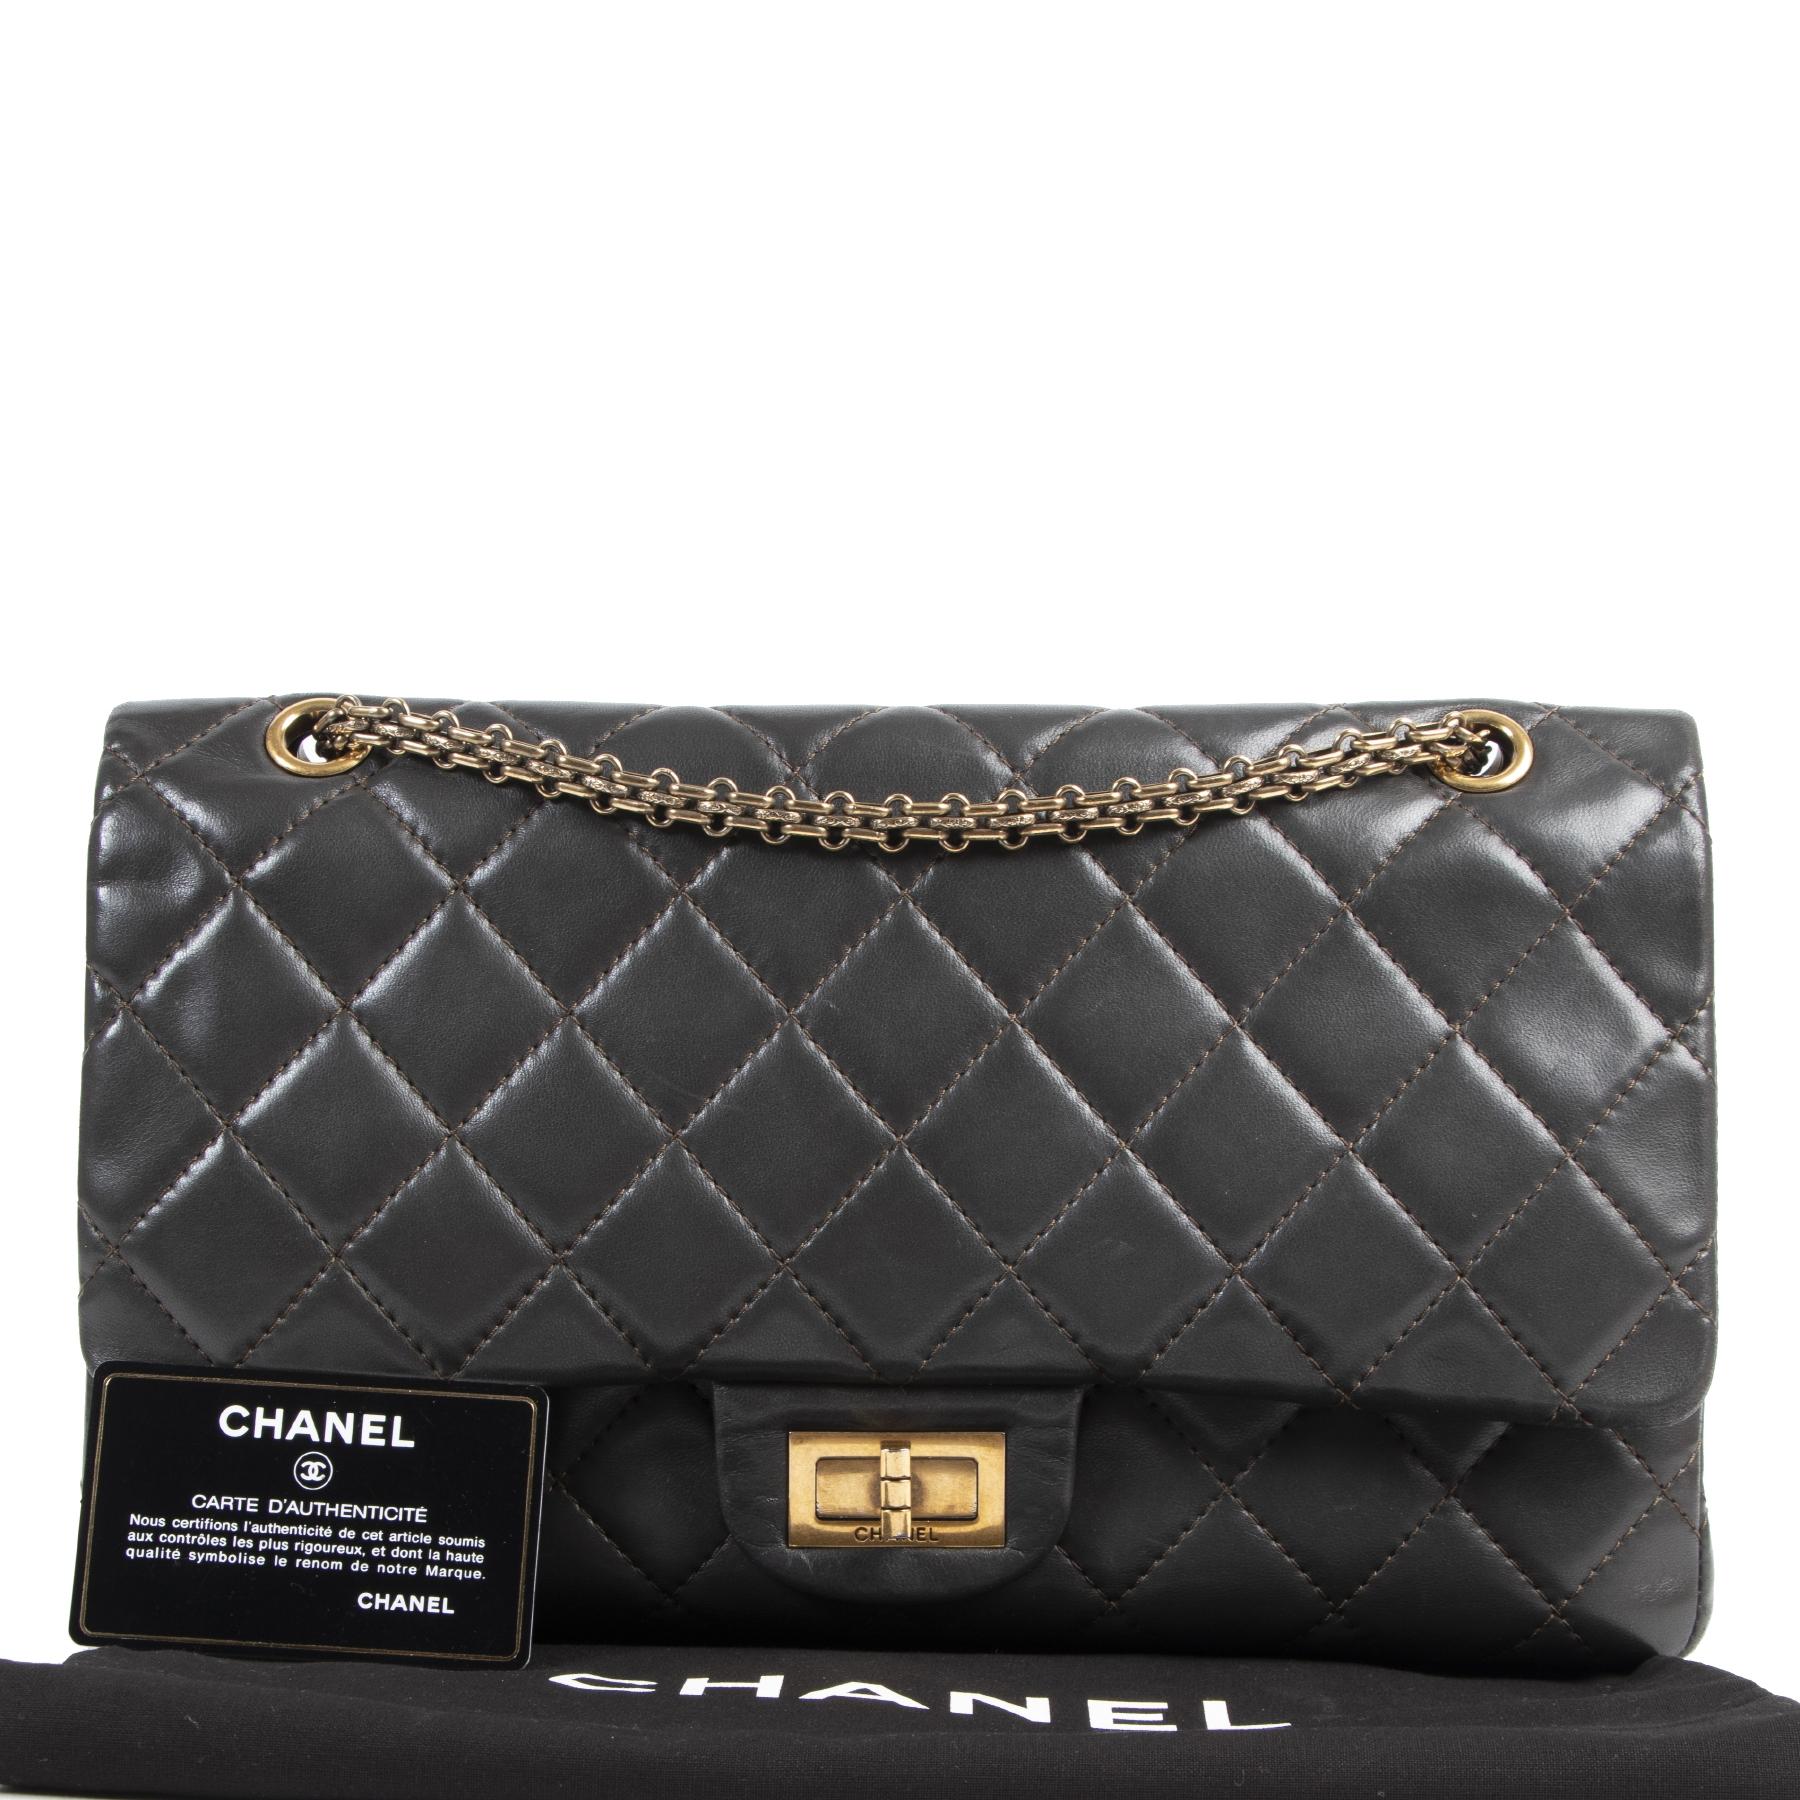 Chanel Brown Lambskin 2.55 Reissue 227 Flap Bag bij Labellov tweedehands luxe webshop in Antwerpen